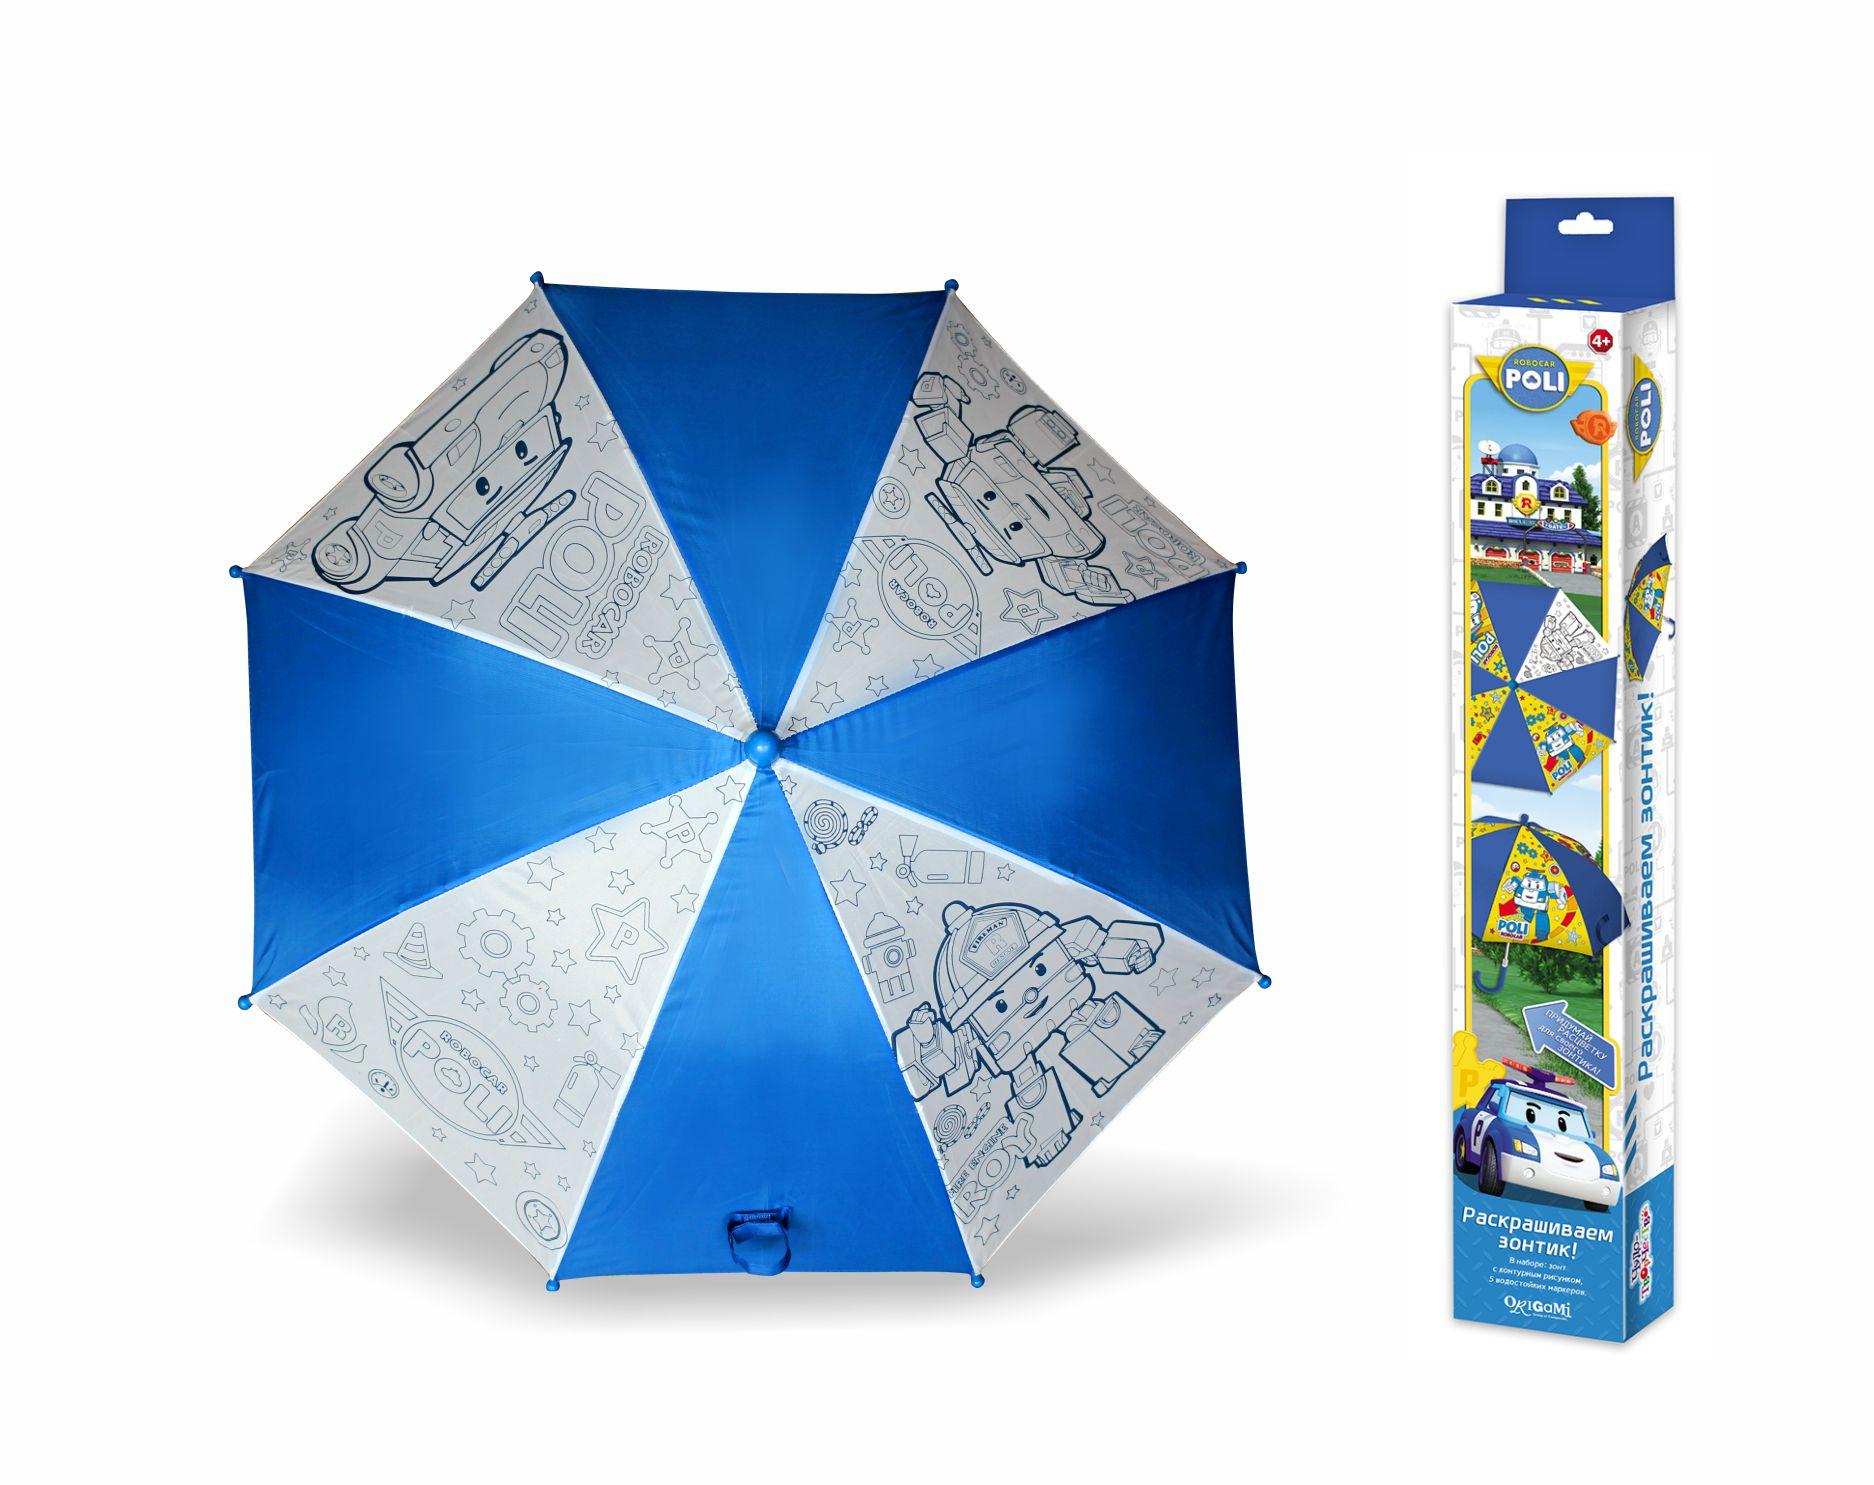 Зонтик для раскрашивания Поли и Рой из мультфильма «Робокар Поли»Детские зонты<br>Зонтик для раскрашивания Поли и Рой из мультфильма «Робокар Поли»<br>